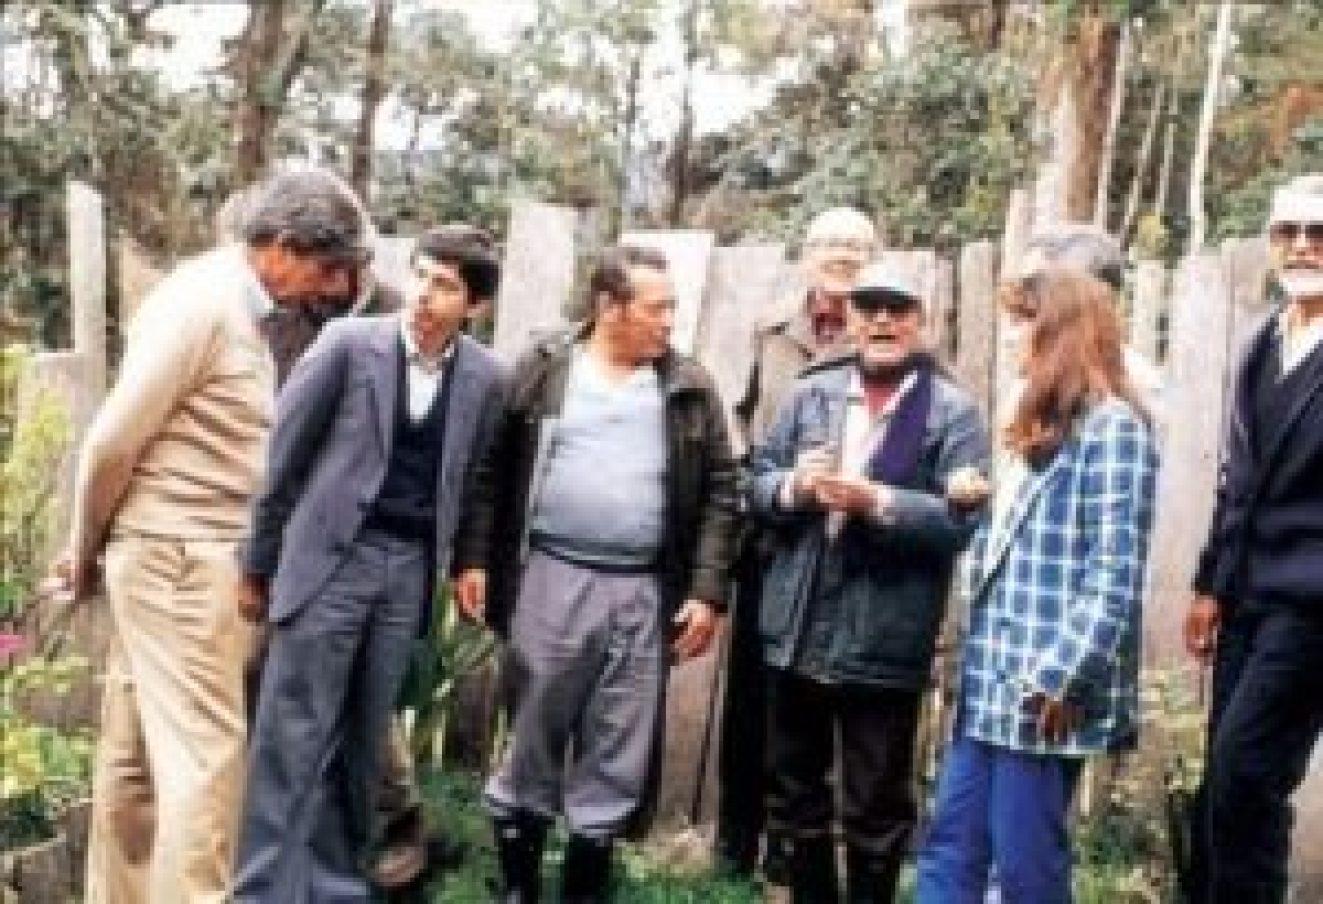 César Gaviria con sus amigos de las FARC. También están allí Jaime Uribe, Manuel Marulanda, Alfonso López M., Jacobo Arenas, Jaime Castro, Noemi Sanin, Pedro Gòmez, Padre Rafael García Herreros